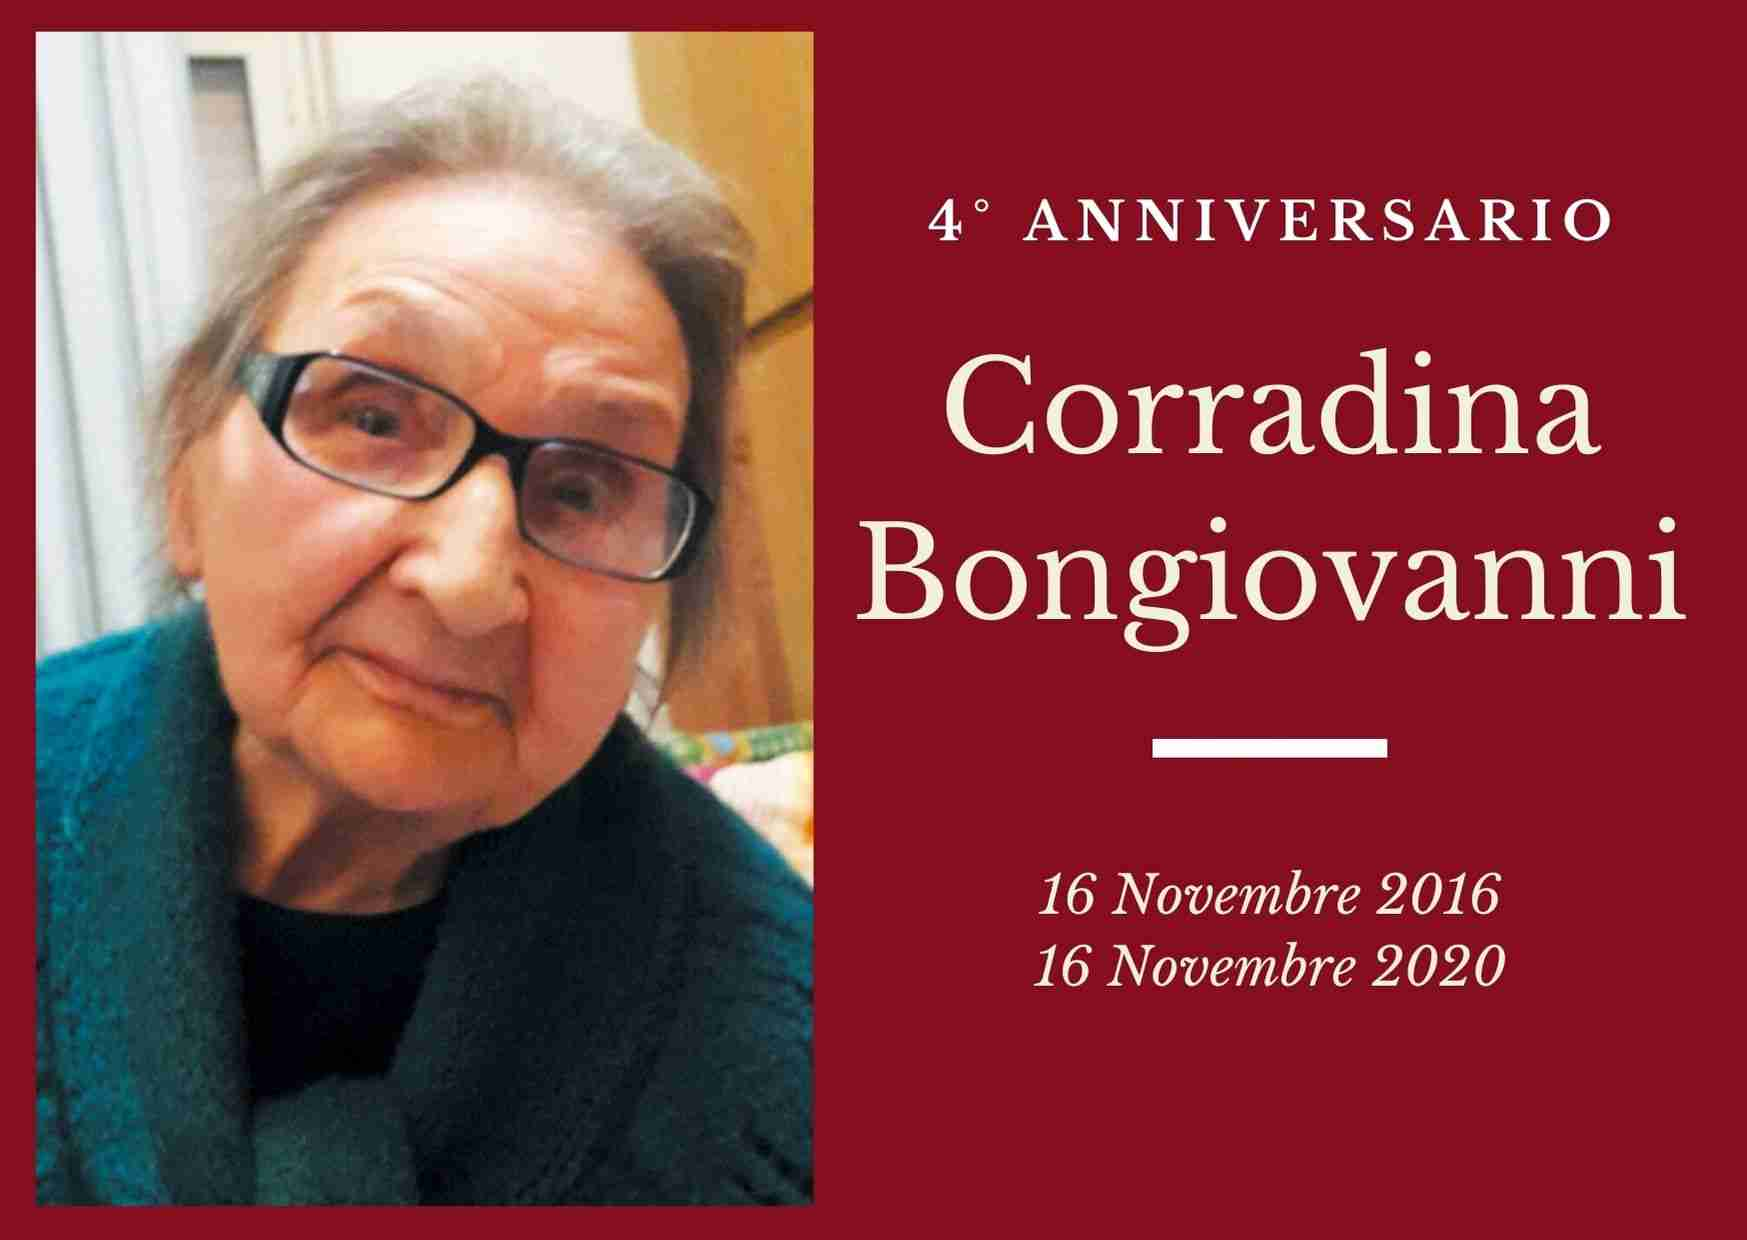 Necrologio: ricorre oggi il 4° anniversario di Corradina Bongiovanni